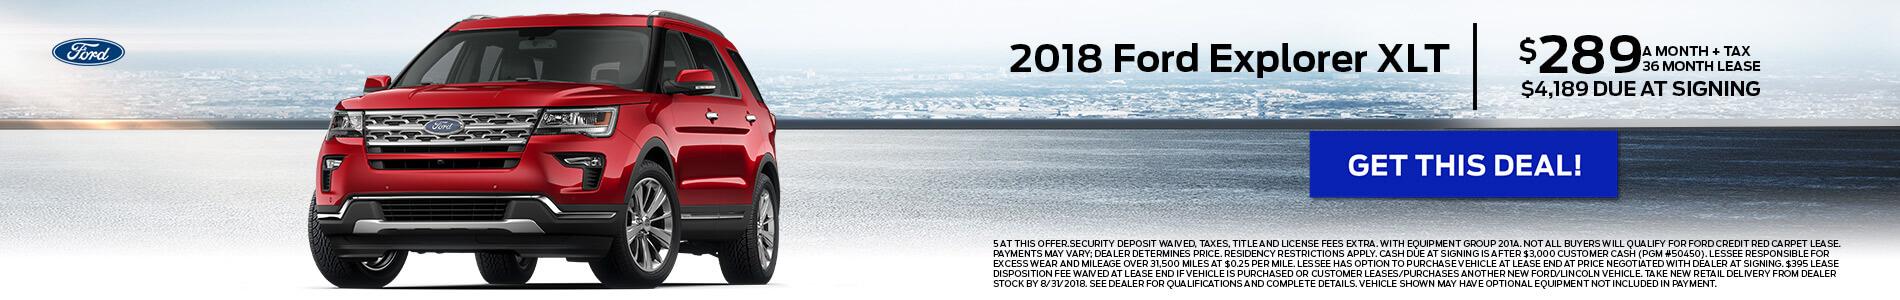 2018 Ford Explorer $289